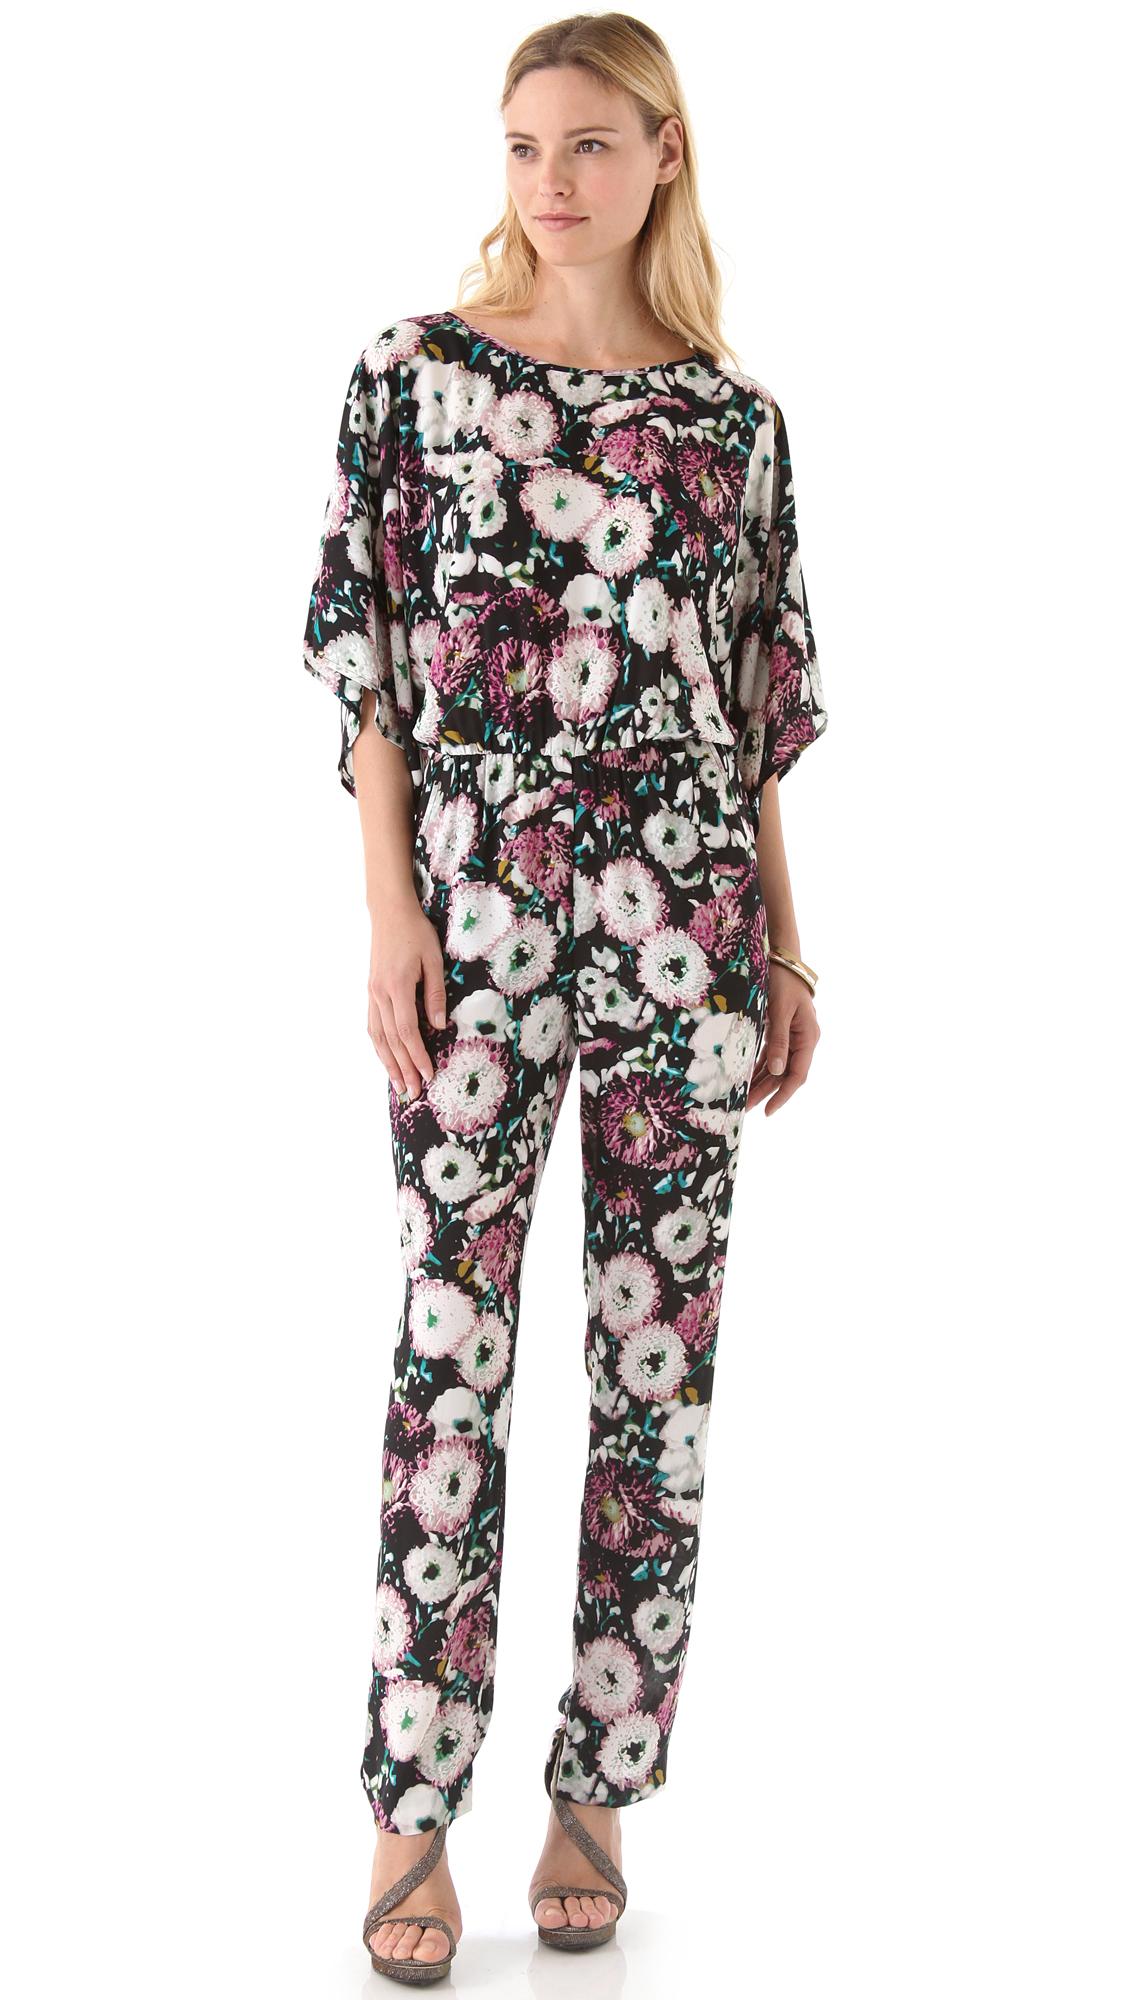 04f2fff8dab BCBGMAXAZRIA Sianna Floral Jumpsuit on PopScreen